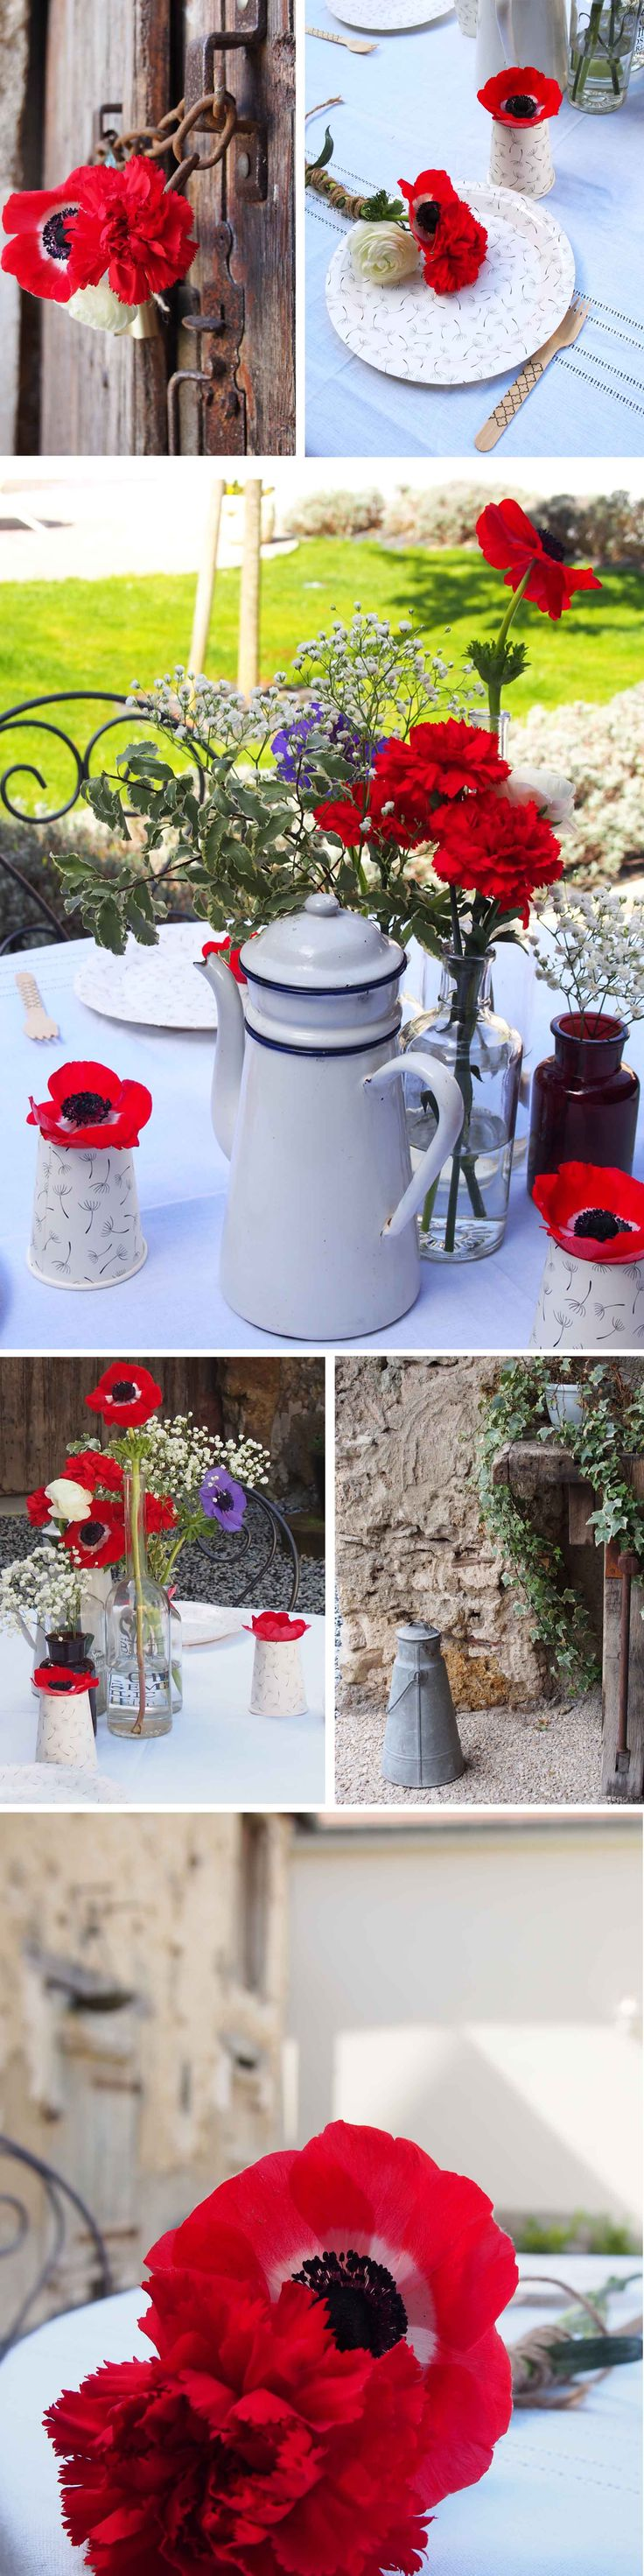 Déjeuner bucolique et champêtre. Vaisselle et accessoires à retrouver sur www.rosecaramelle.fr  #picnic #piquenique #bucolique #champetre #rustique #carreaux #kraft #bois #couverts #pailles #masonjars #paniers #vaisselle